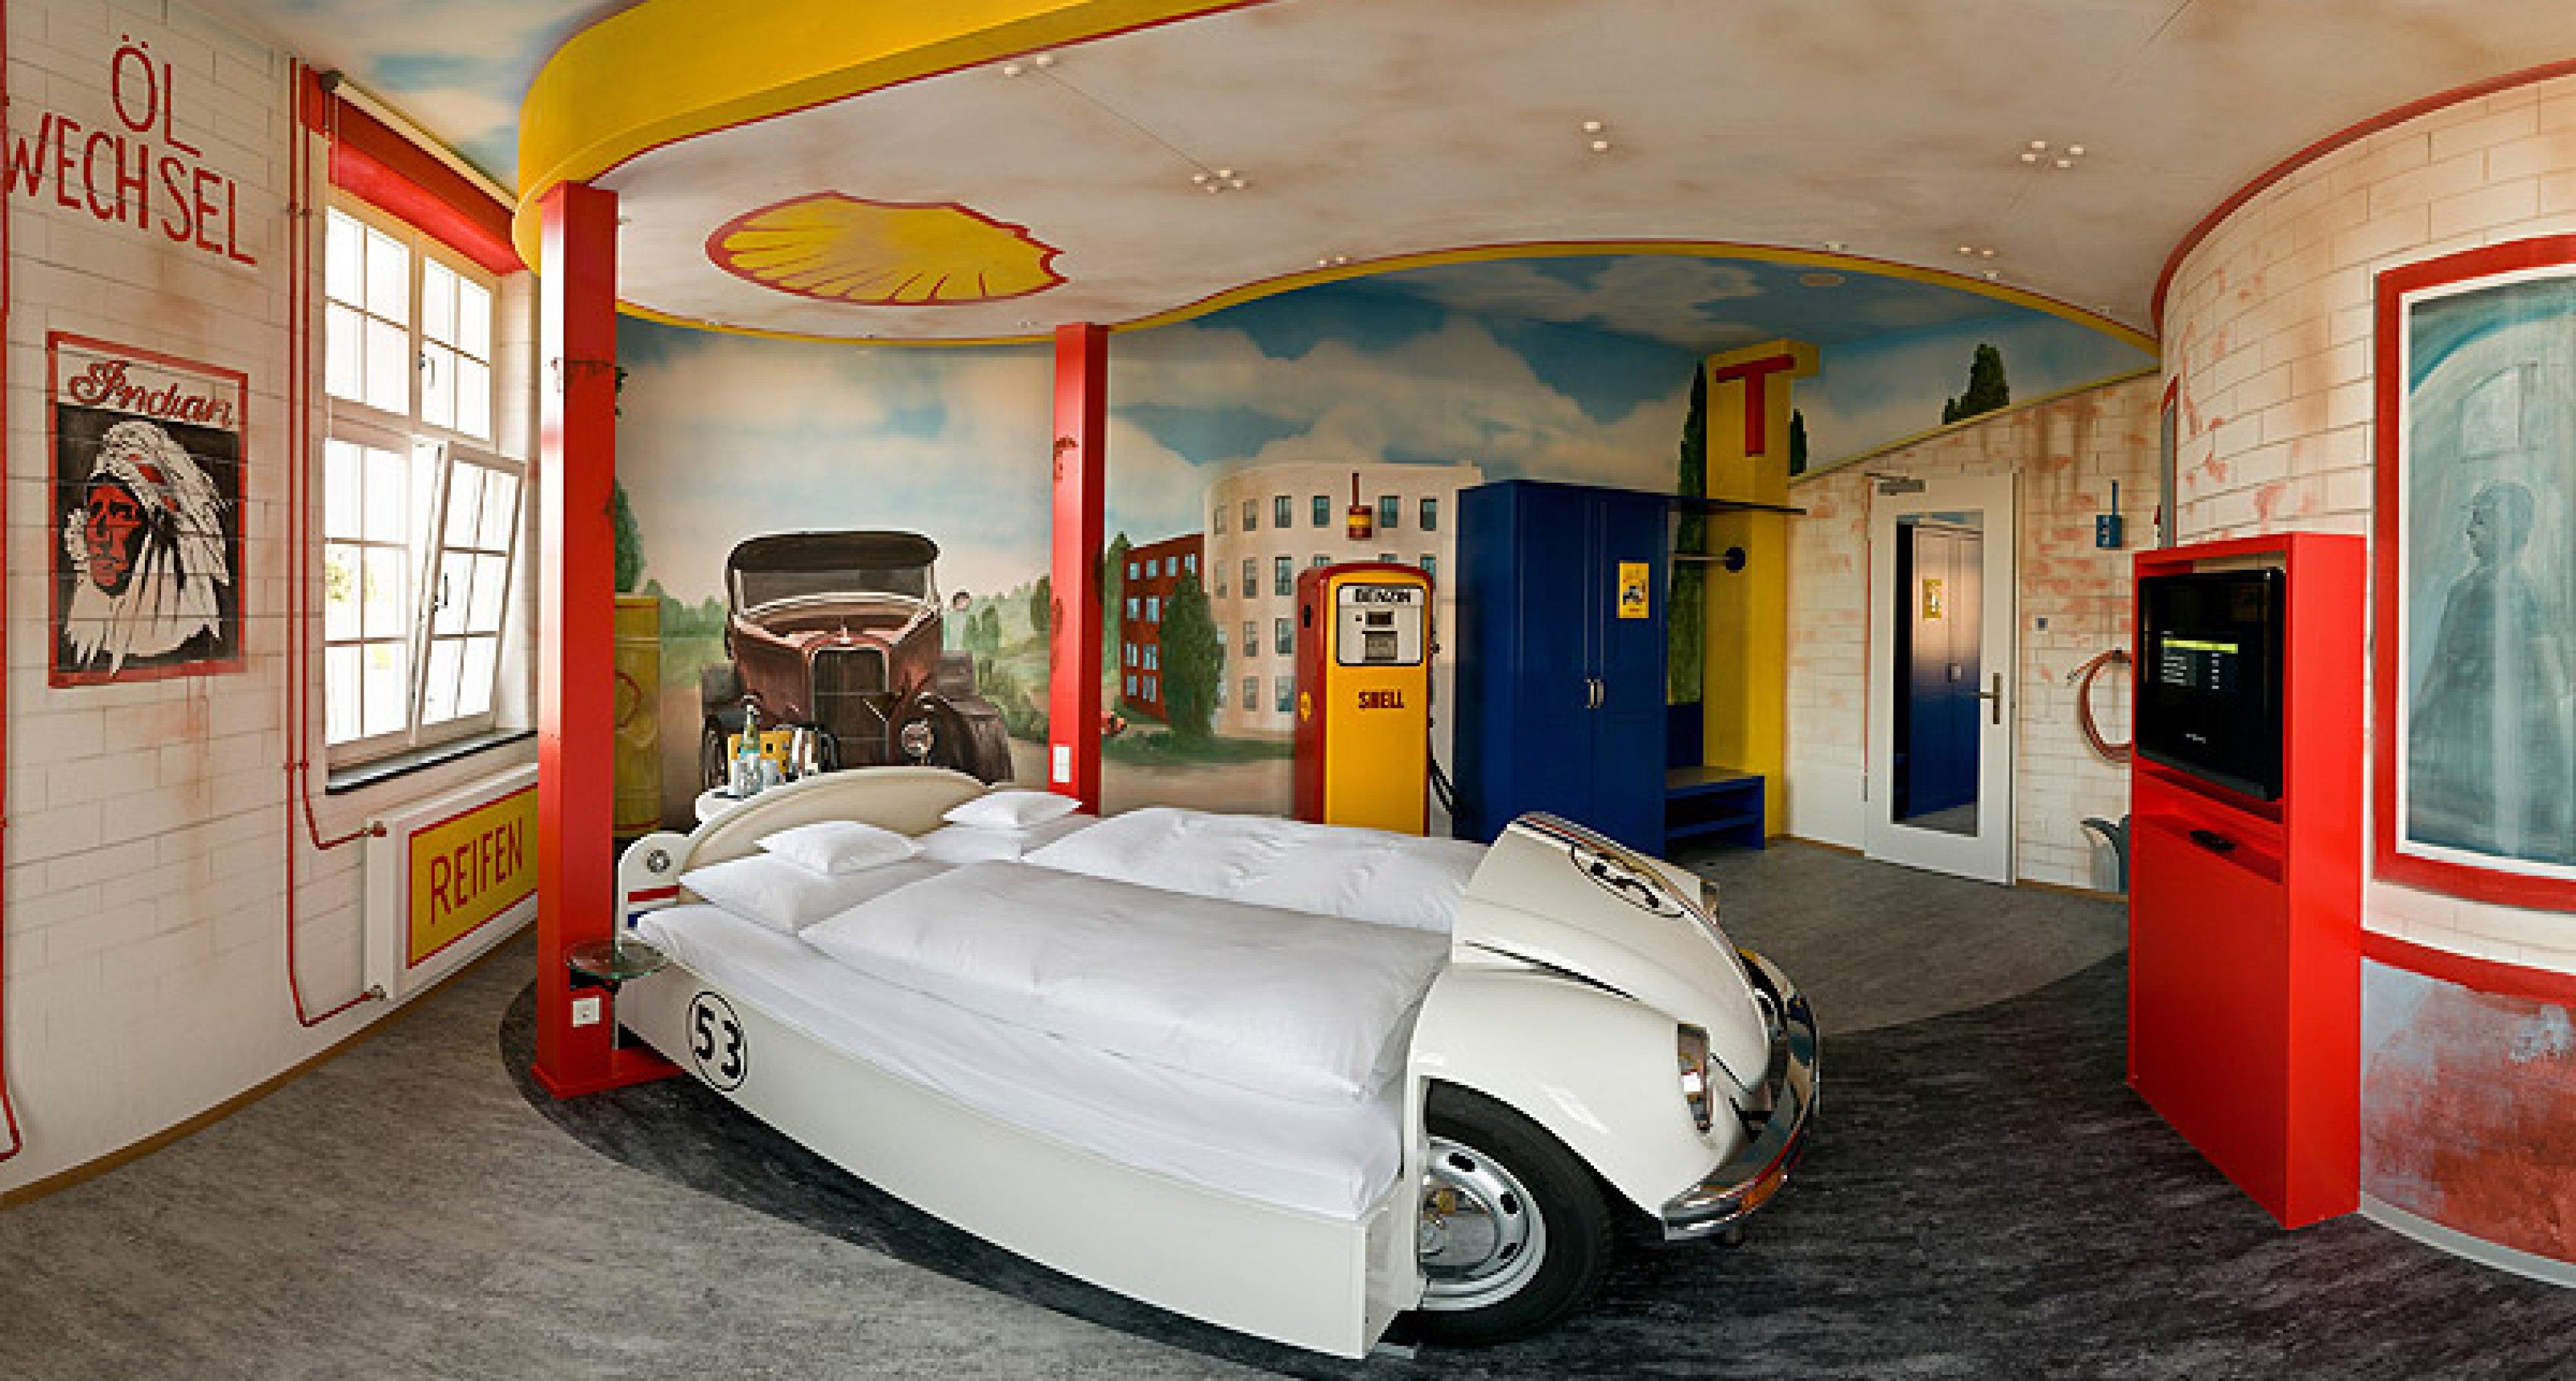 Cabriotreffen im Meilenwerk Stuttgart: Noch Plätze frei